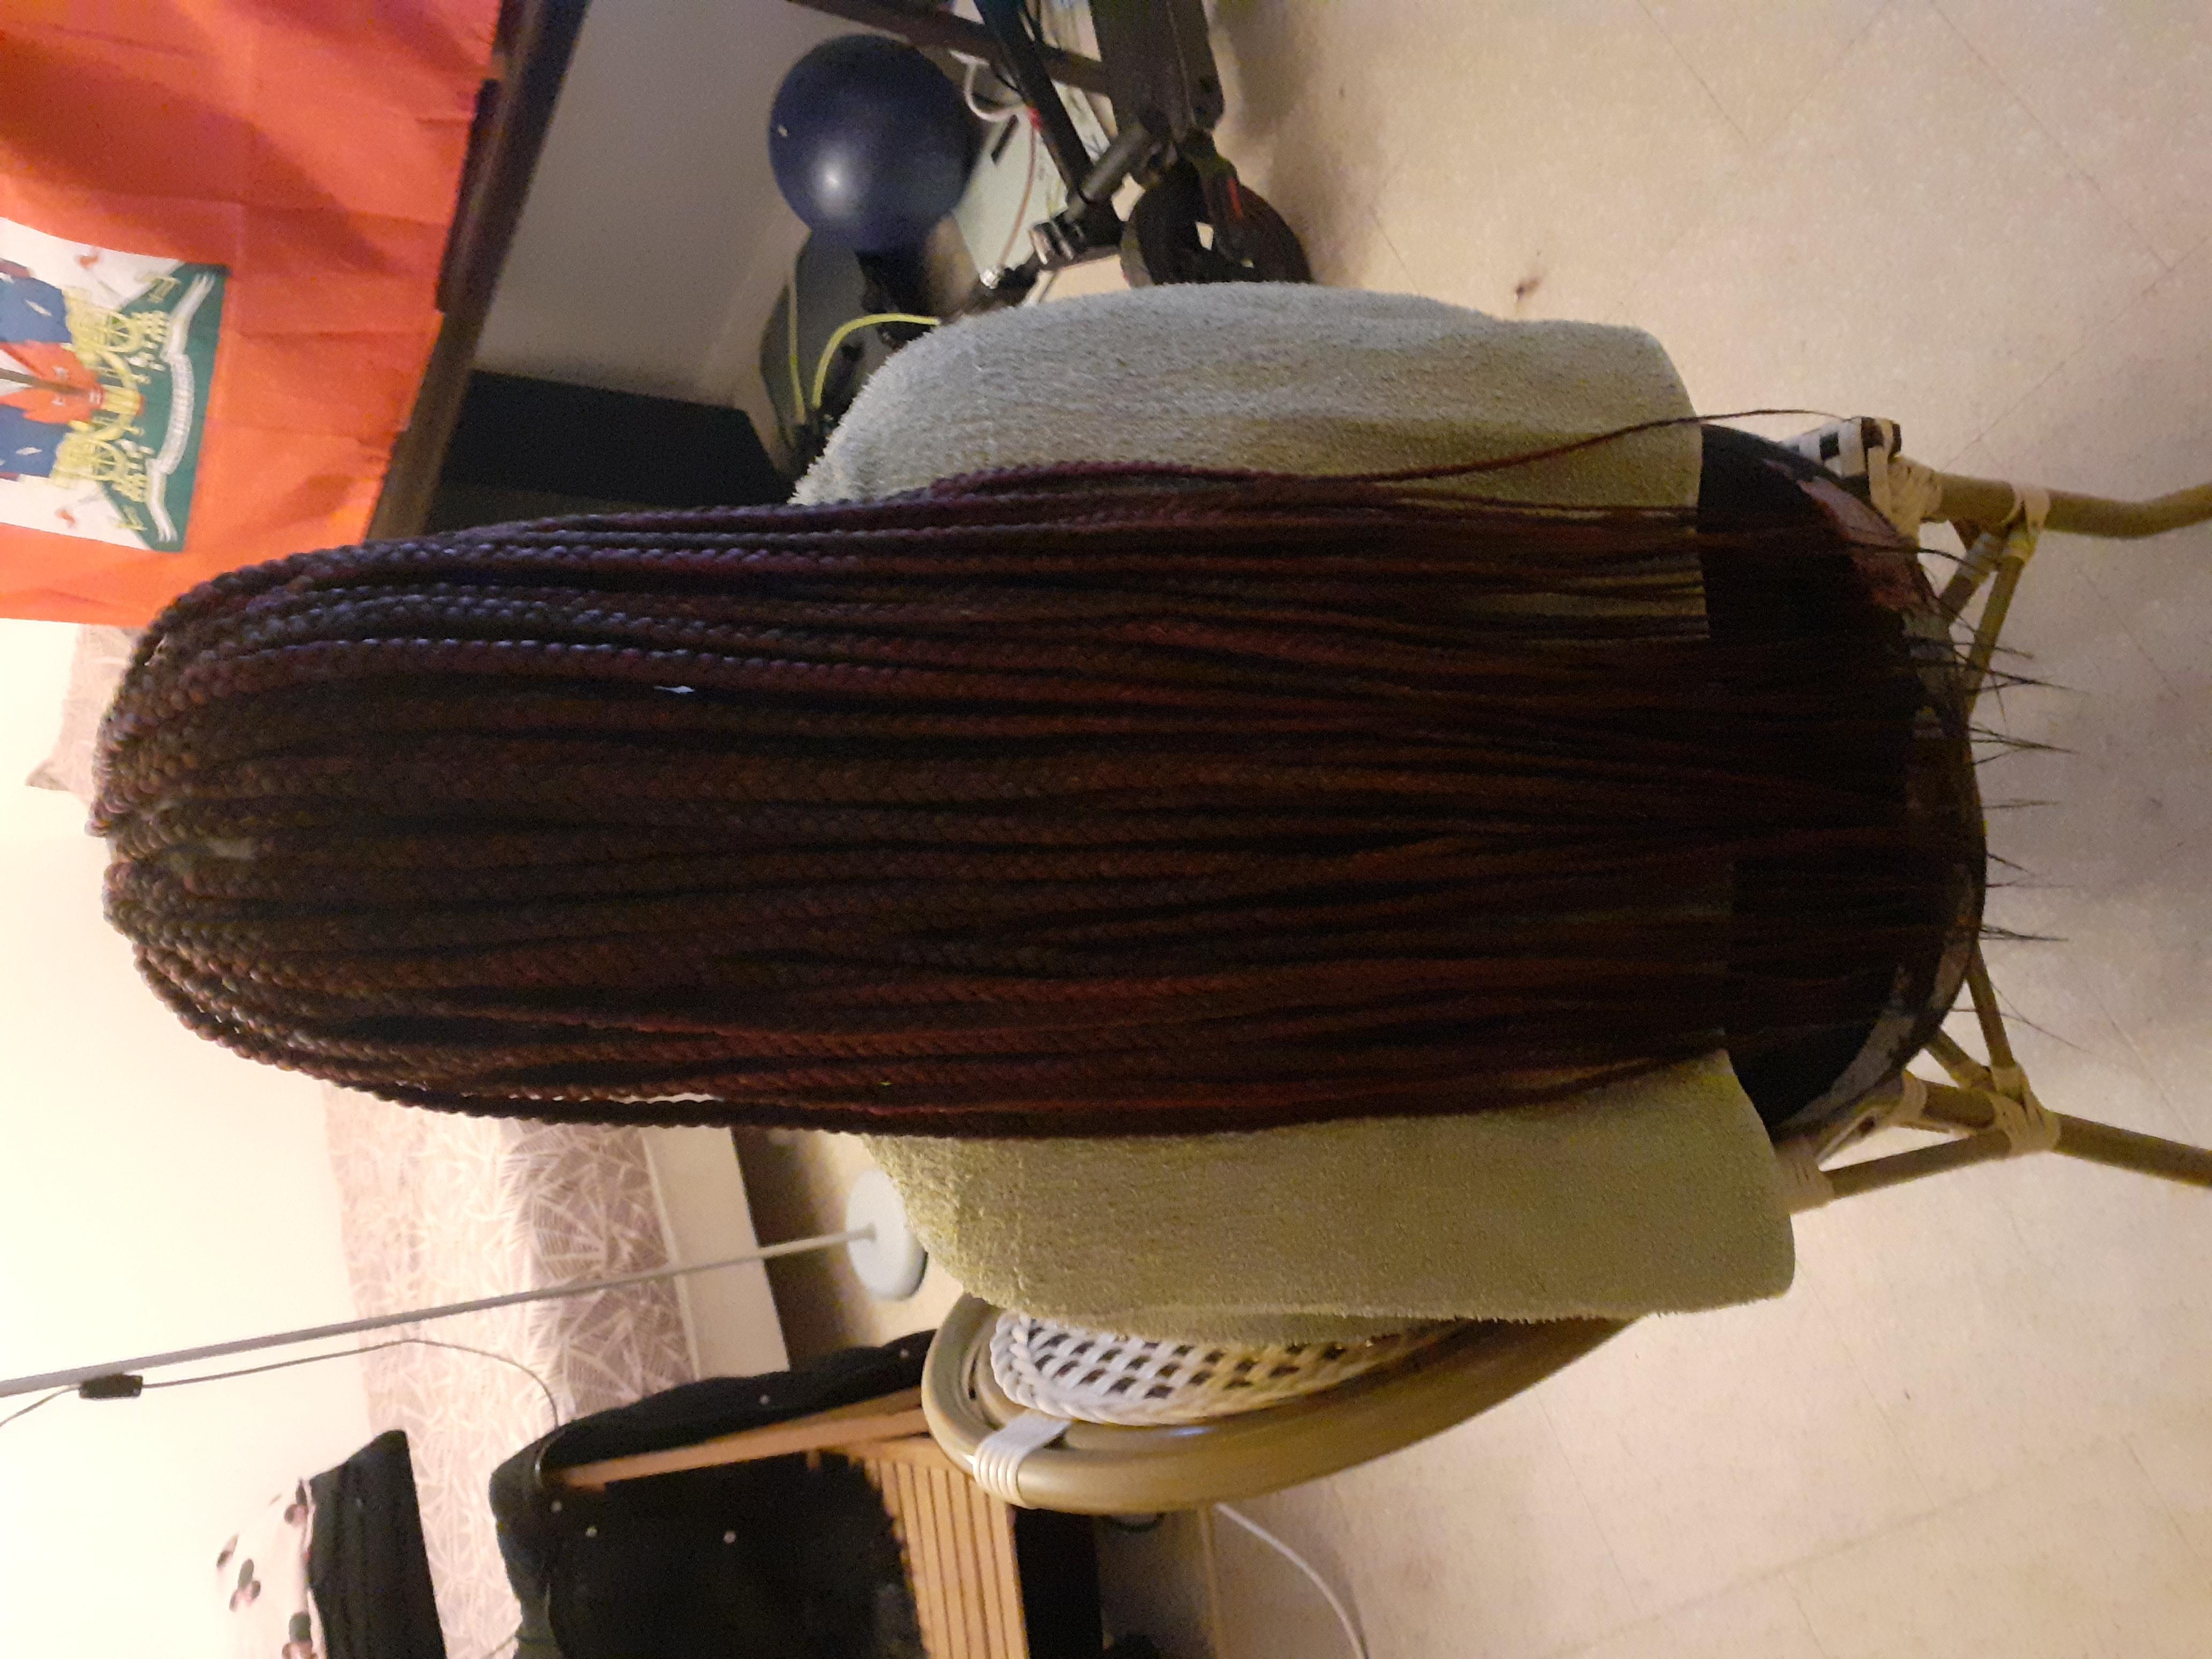 salon de coiffure afro tresse tresses box braids crochet braids vanilles tissages paris 75 77 78 91 92 93 94 95 PFRFLMAM